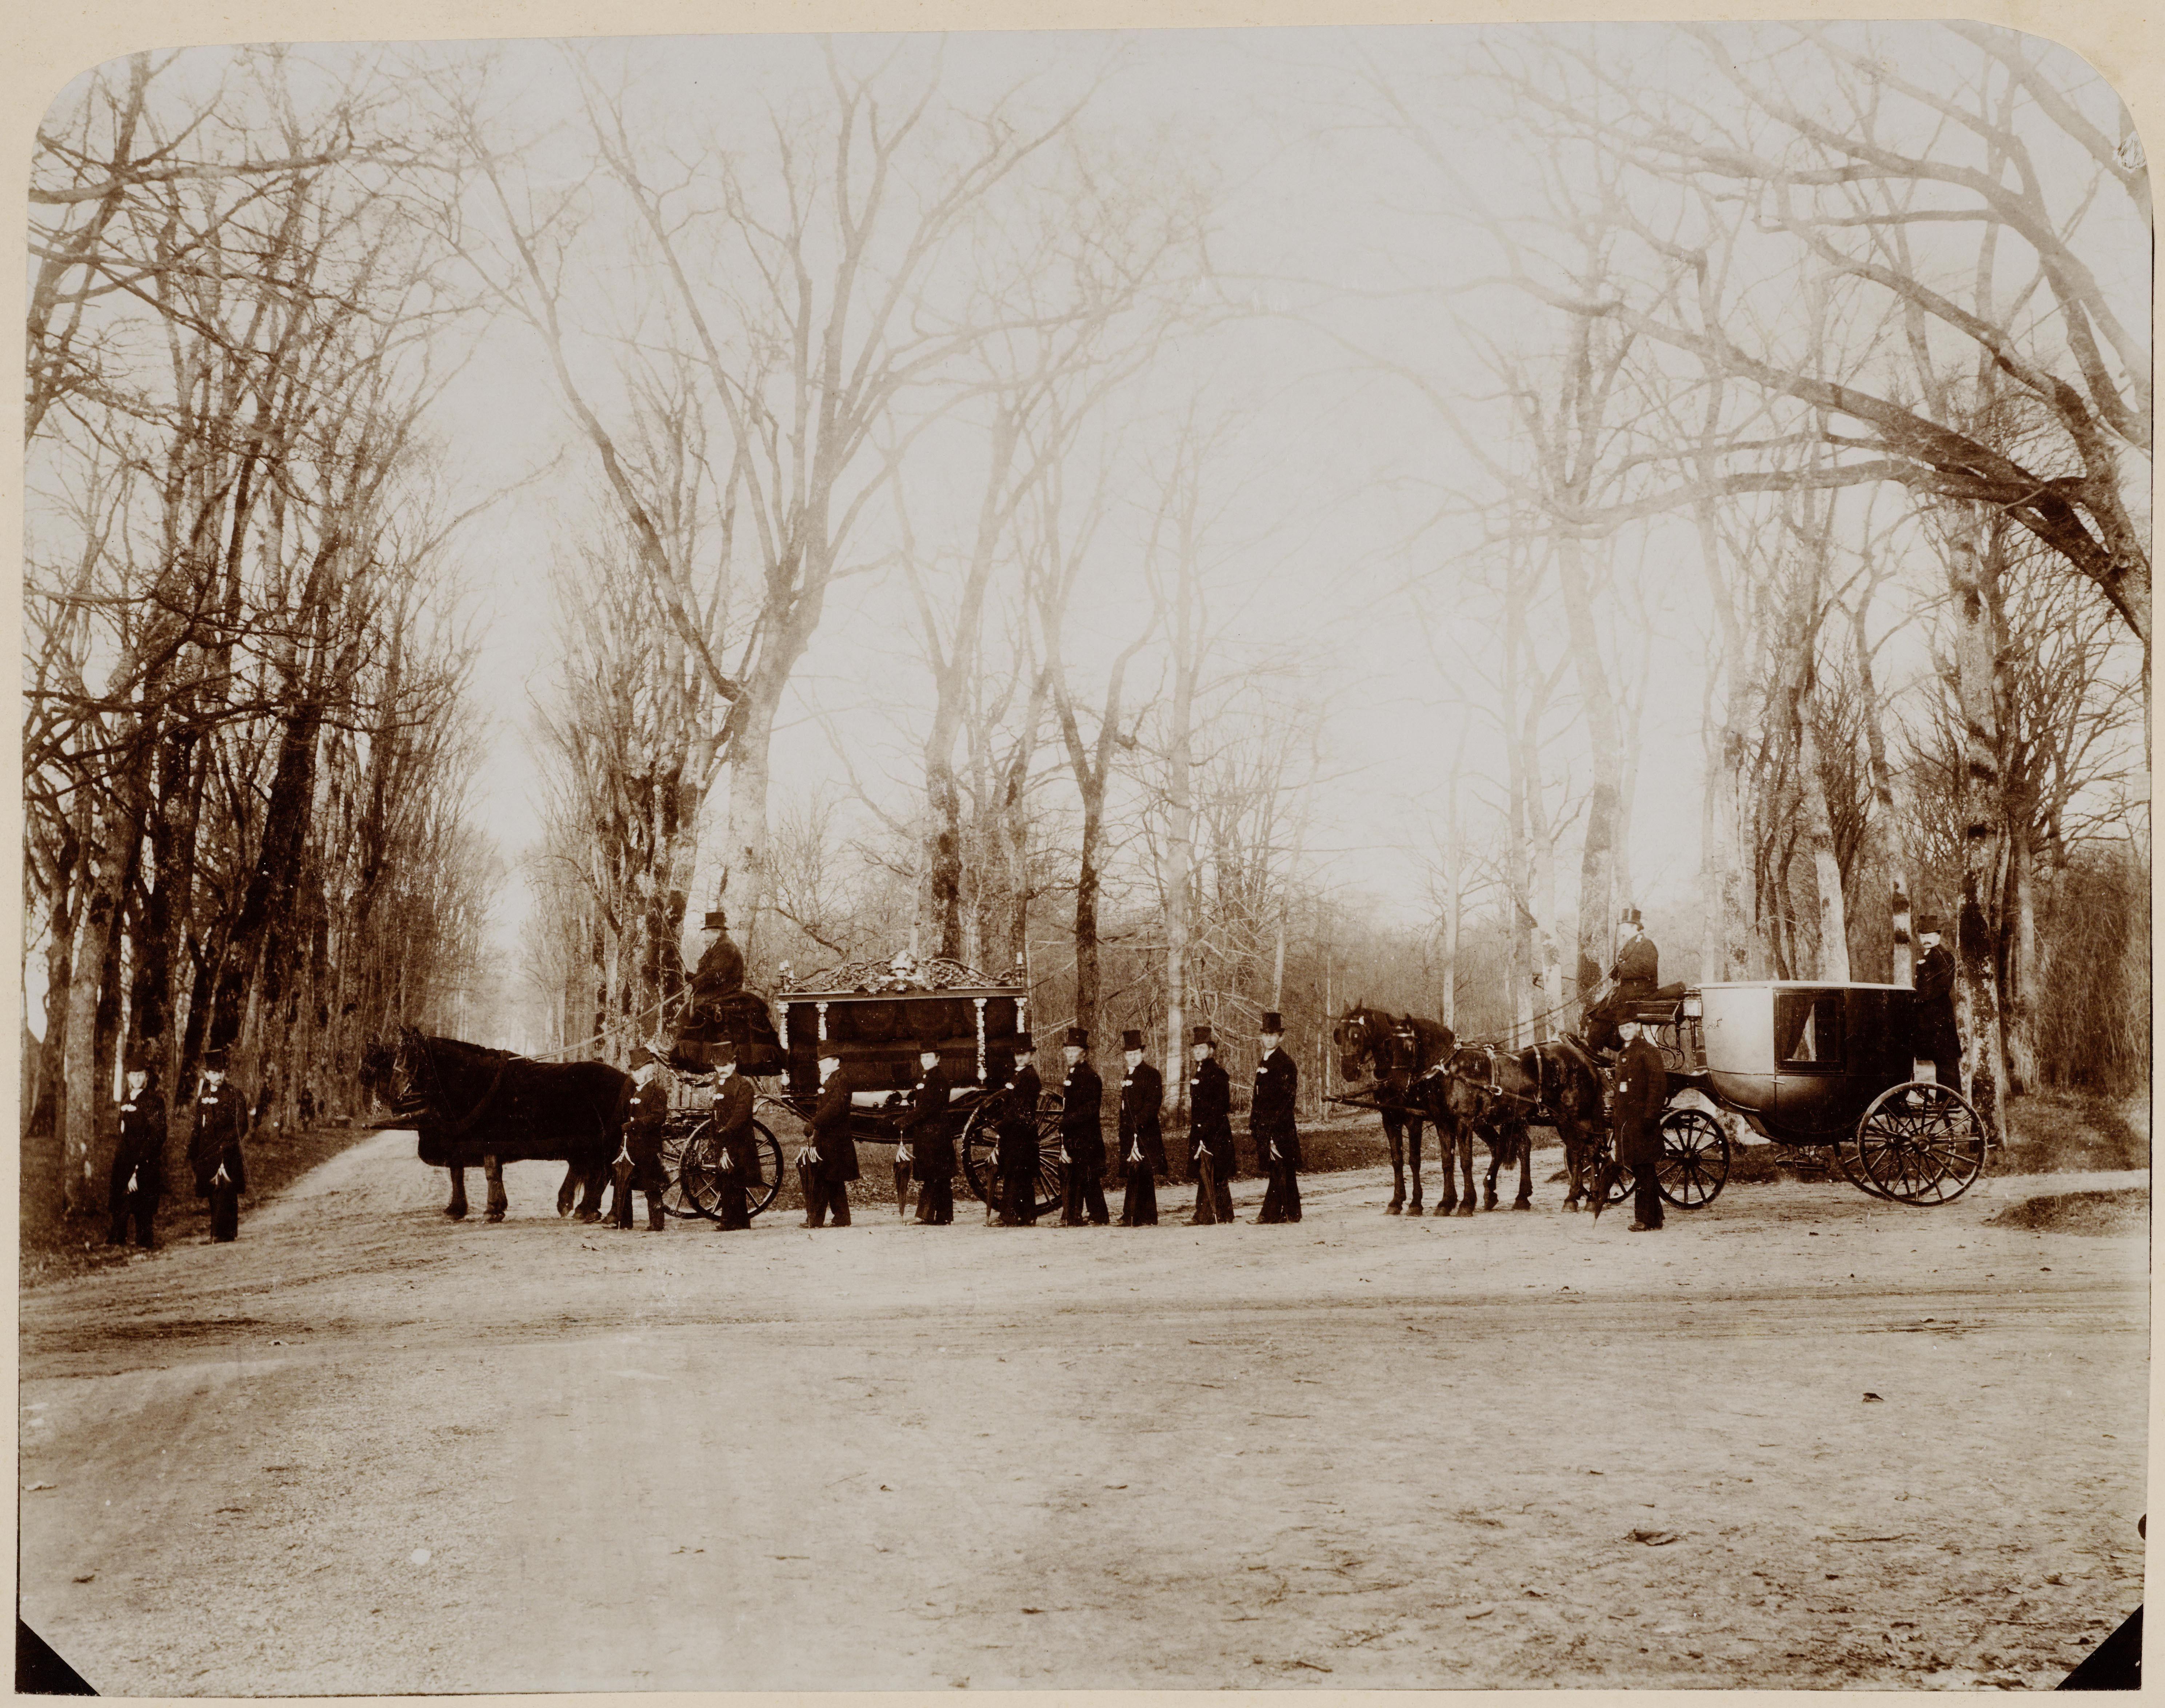 Een begrafenisstoet staat op het punt de Algemene Begraafplaats op te rijden. Ca. 1900. Vervaardiger onbekend. Collectie Regionaal Archief Alkmaar.